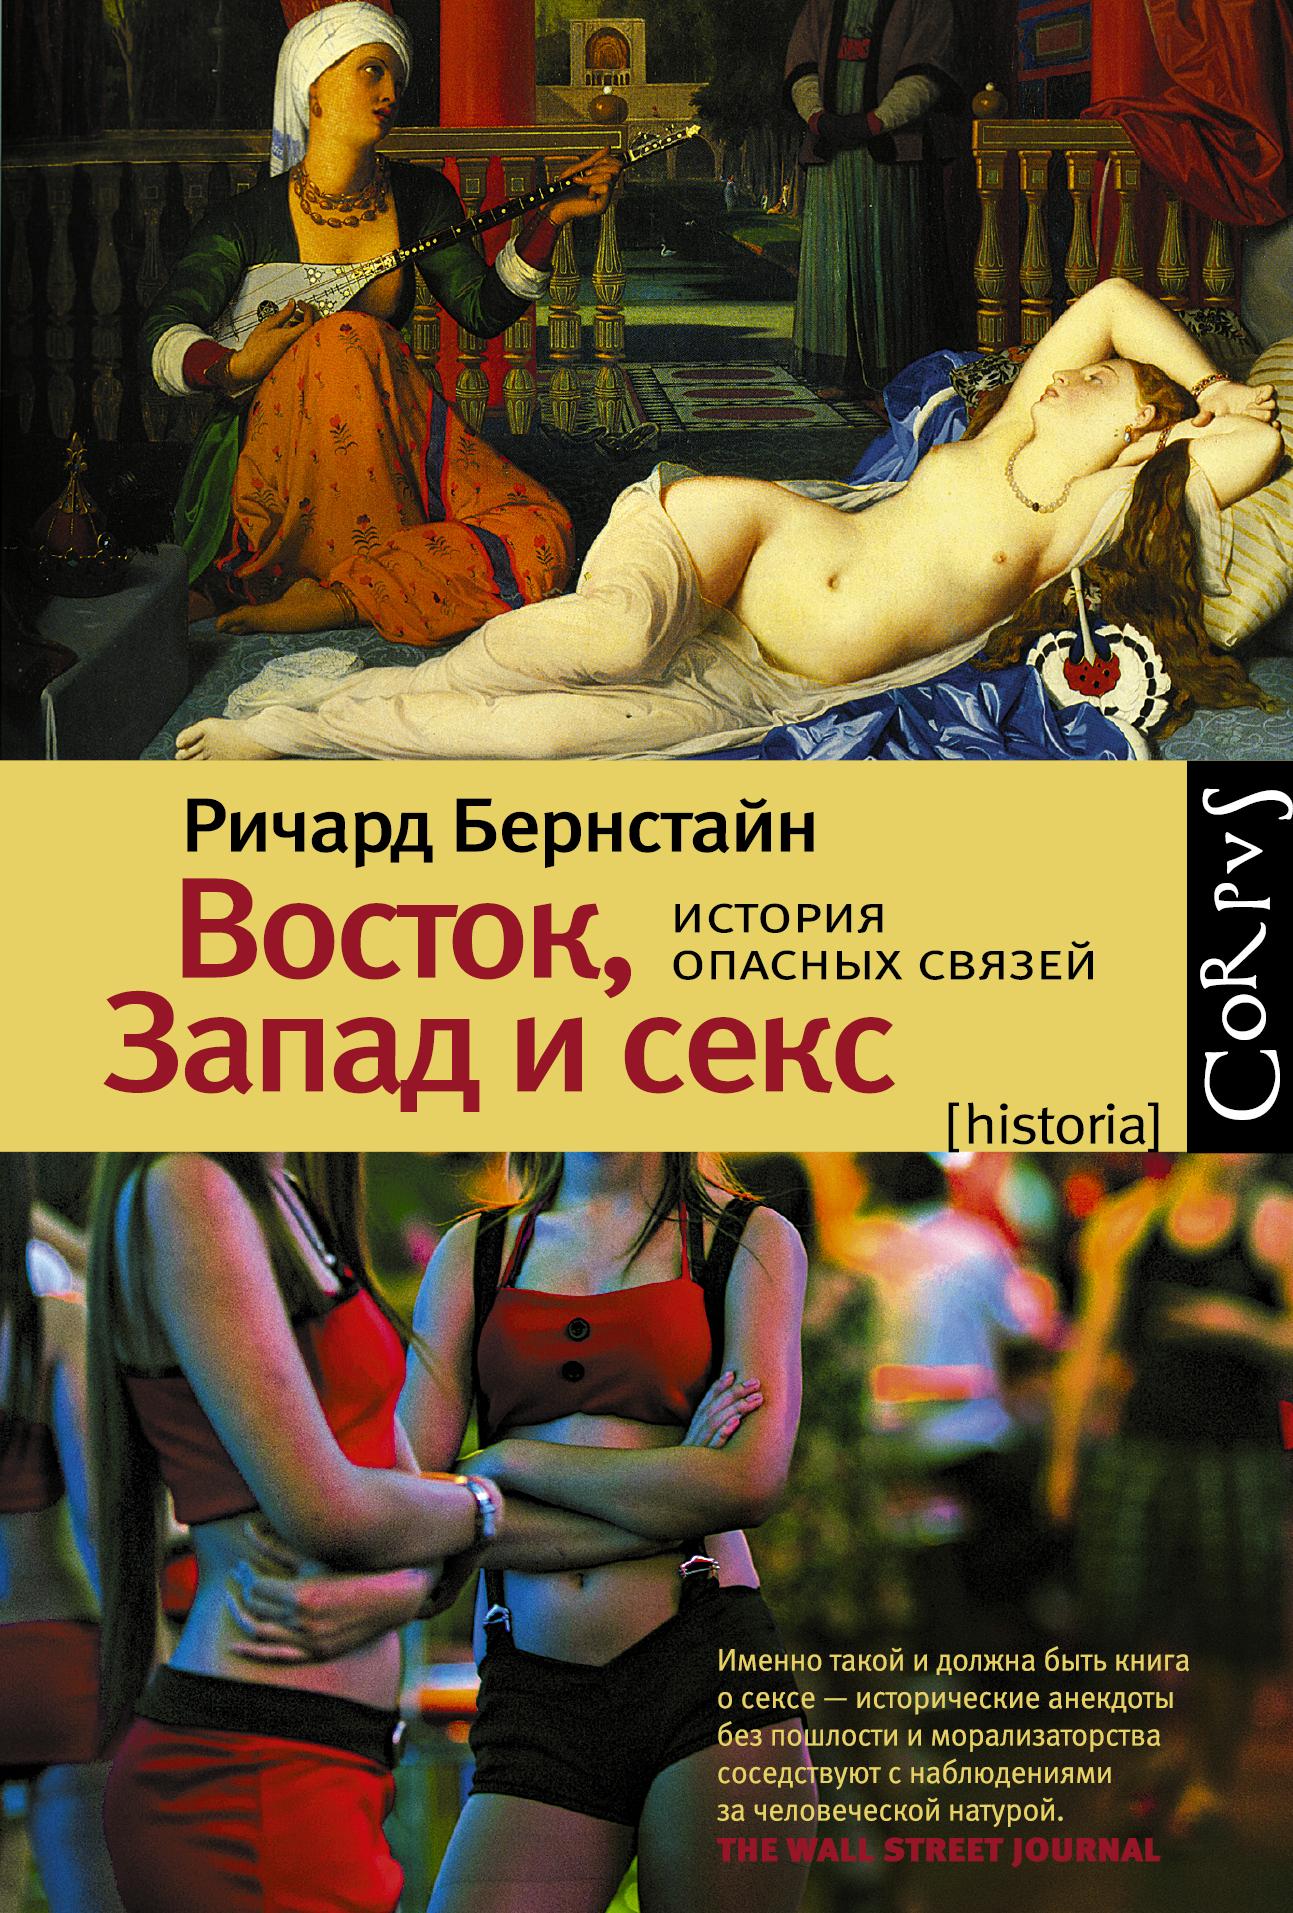 Читать бесплатно книги порно онлайн 21 фотография